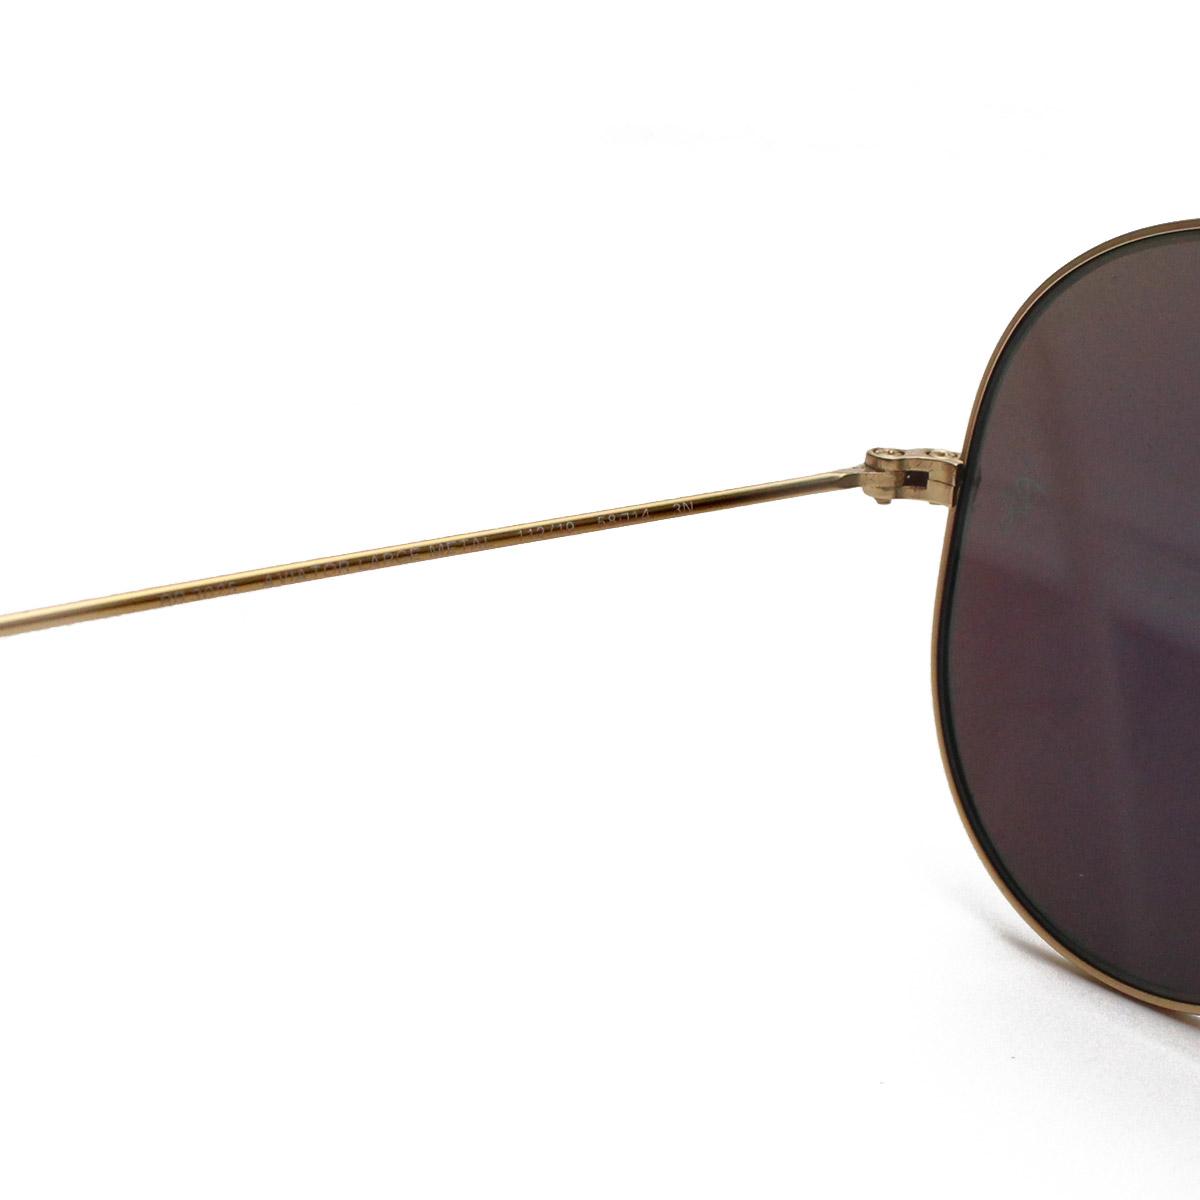 2816e215cc11 Color Gold system. Scythe A temple: Approximately 135mm. Lens width:  Approximately 58mm. Nose width: Approximately 14mm. Specifications: A lens  color: Green ...